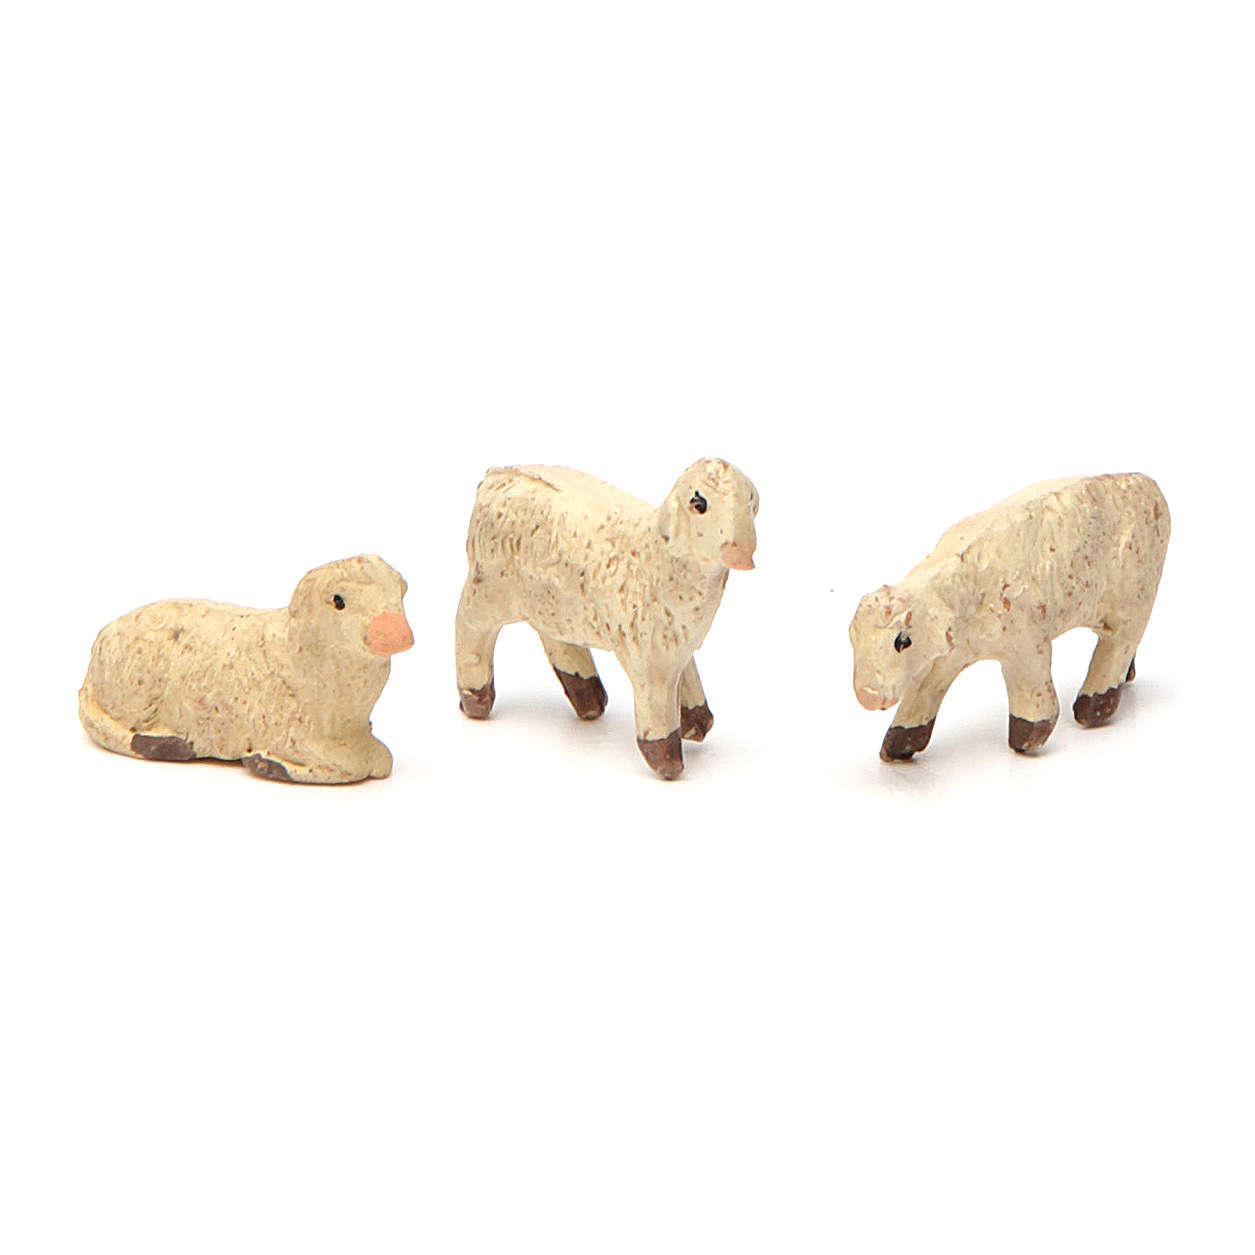 Moutons en terre cuite pour crèche napolitaine de 4 cm 3 pcs 4